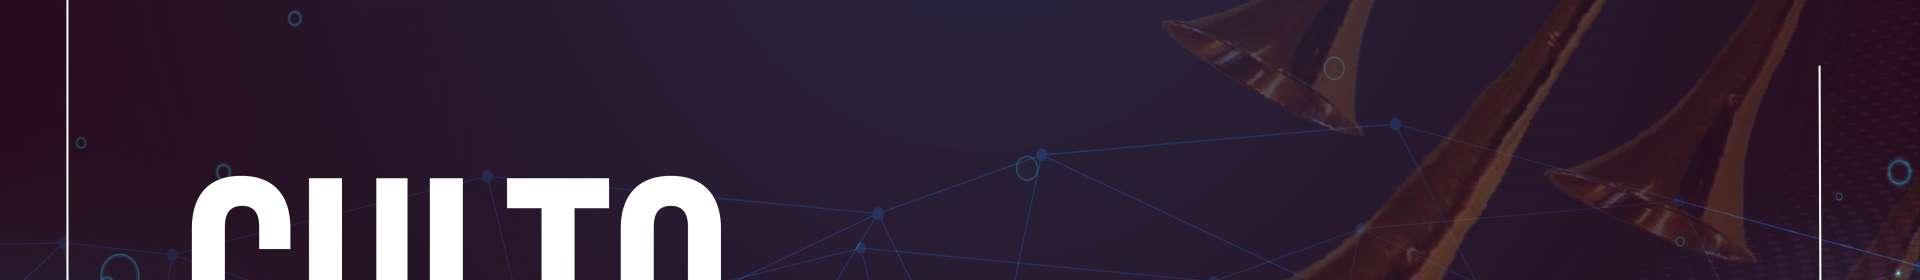 Culto via satélite exibido em 17/12/2019